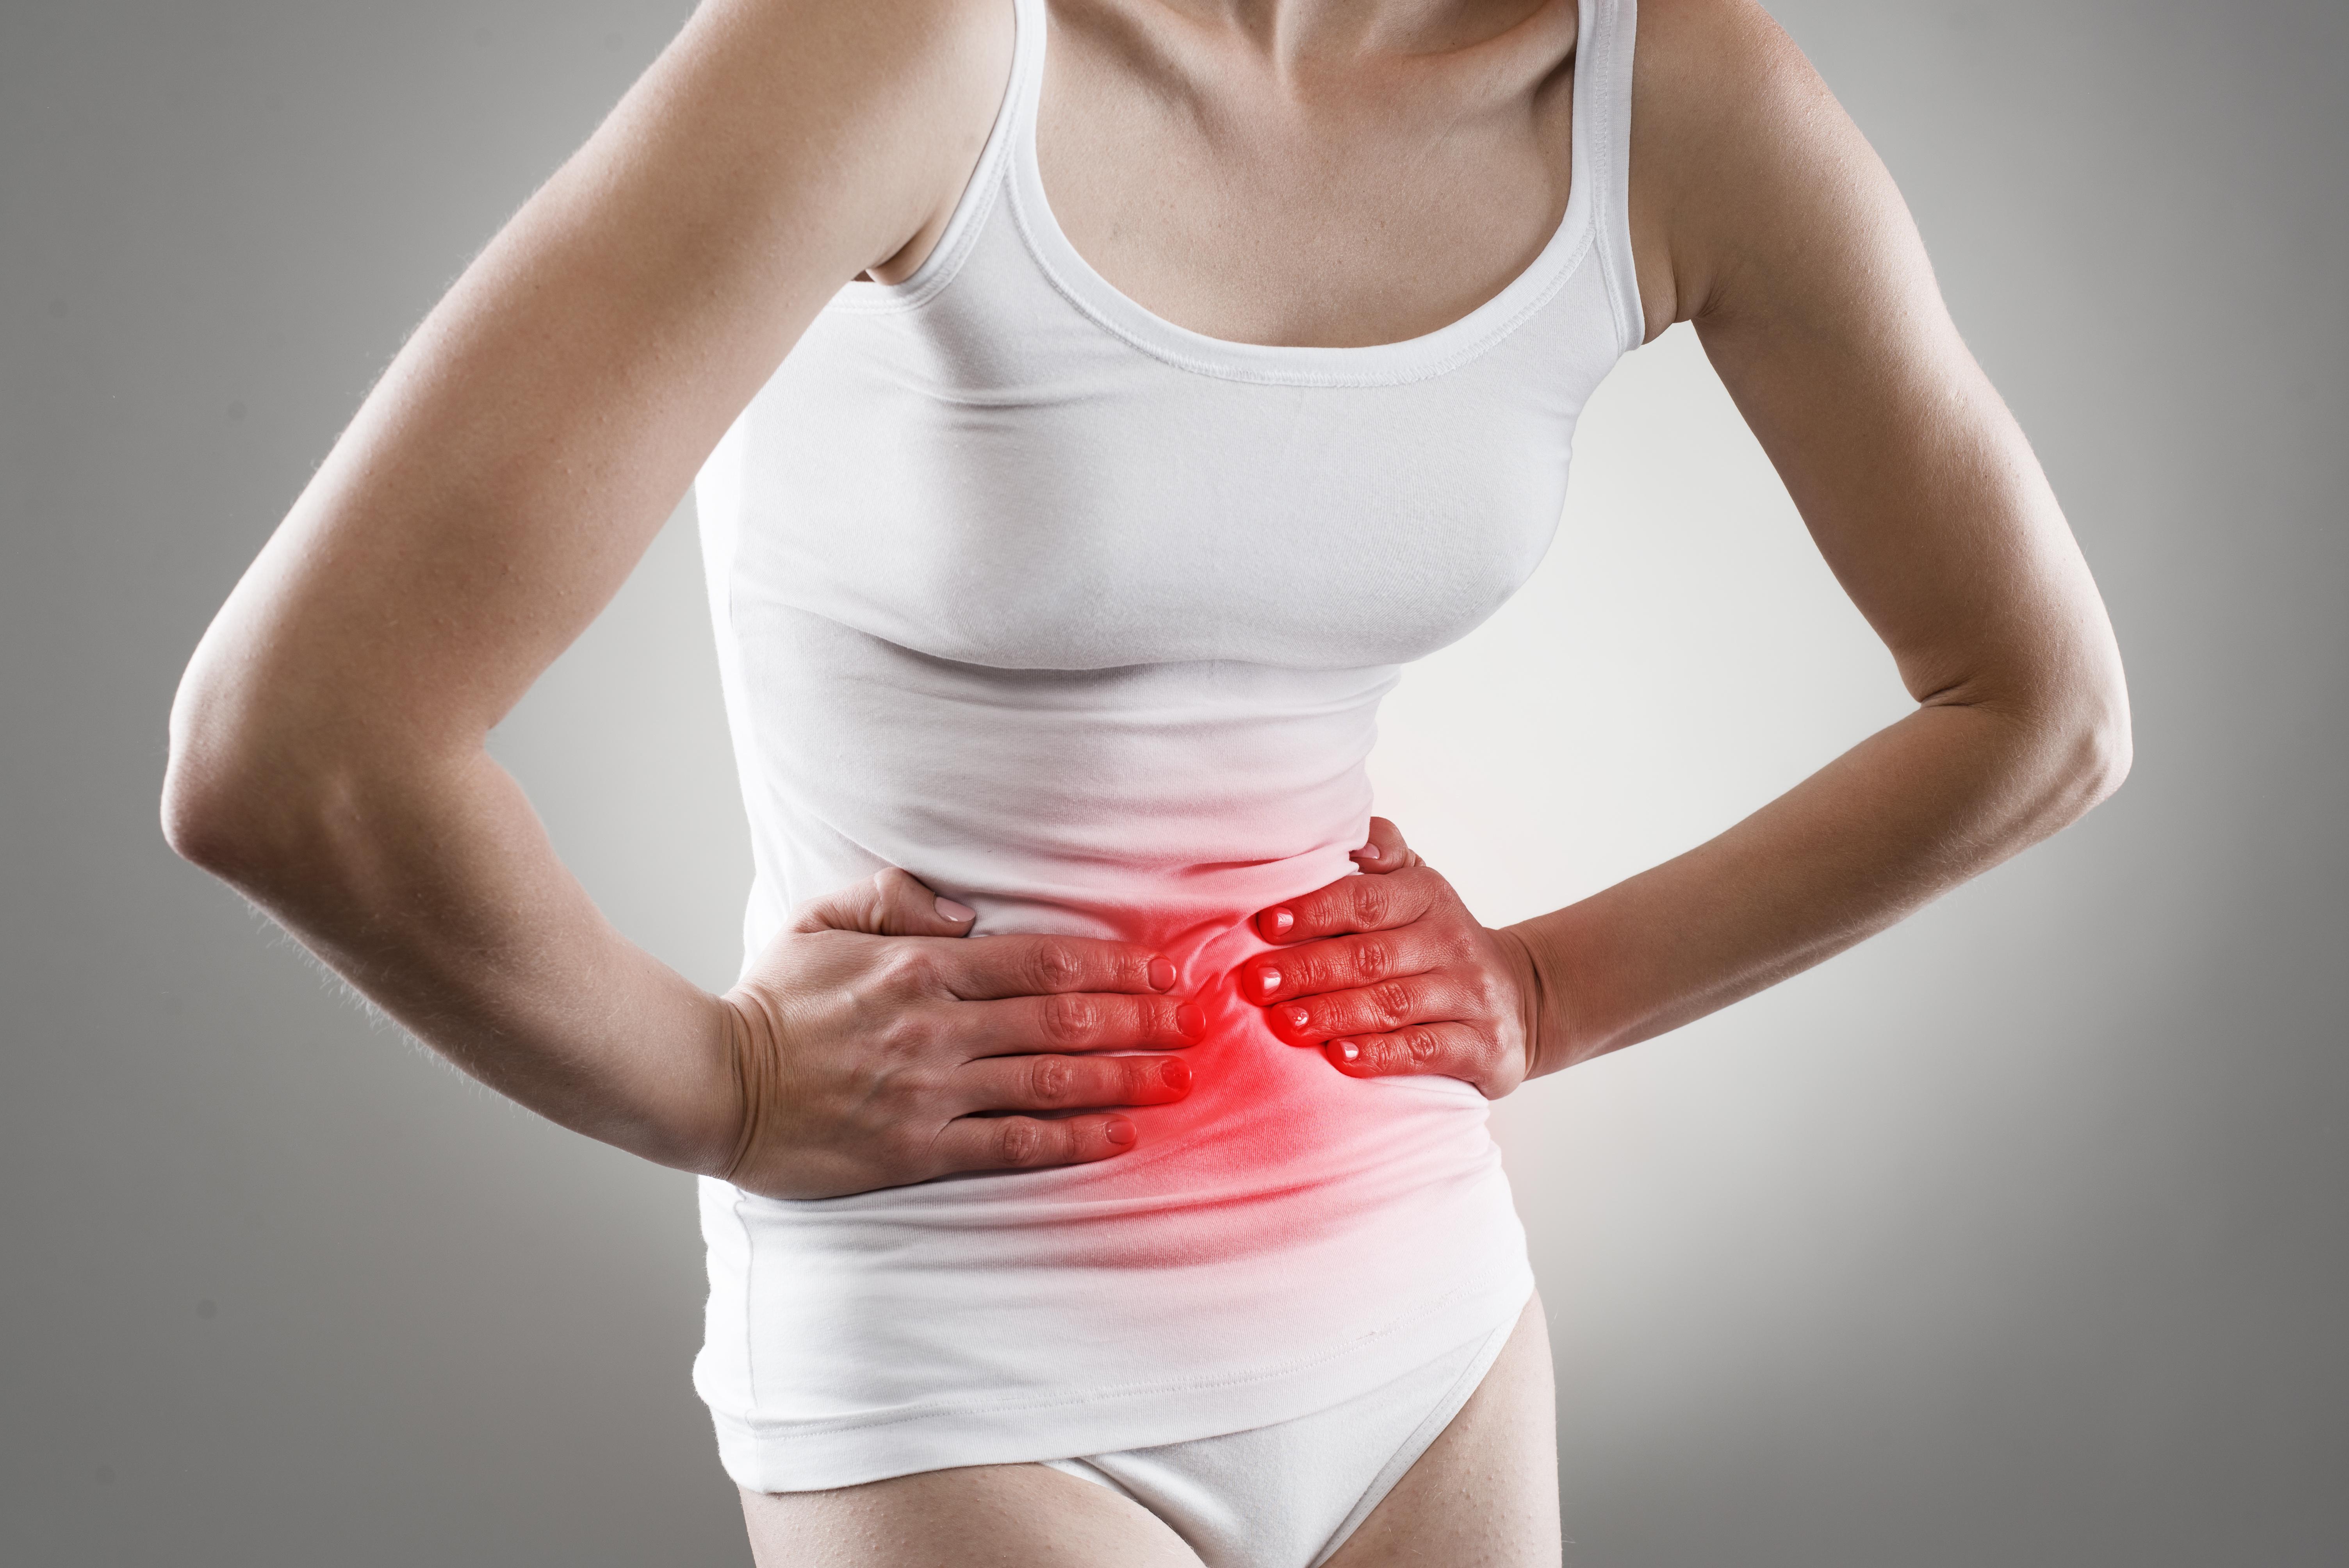 herzschwäche (herzinsuffizienz) --> symptome, verlauf, behandlung